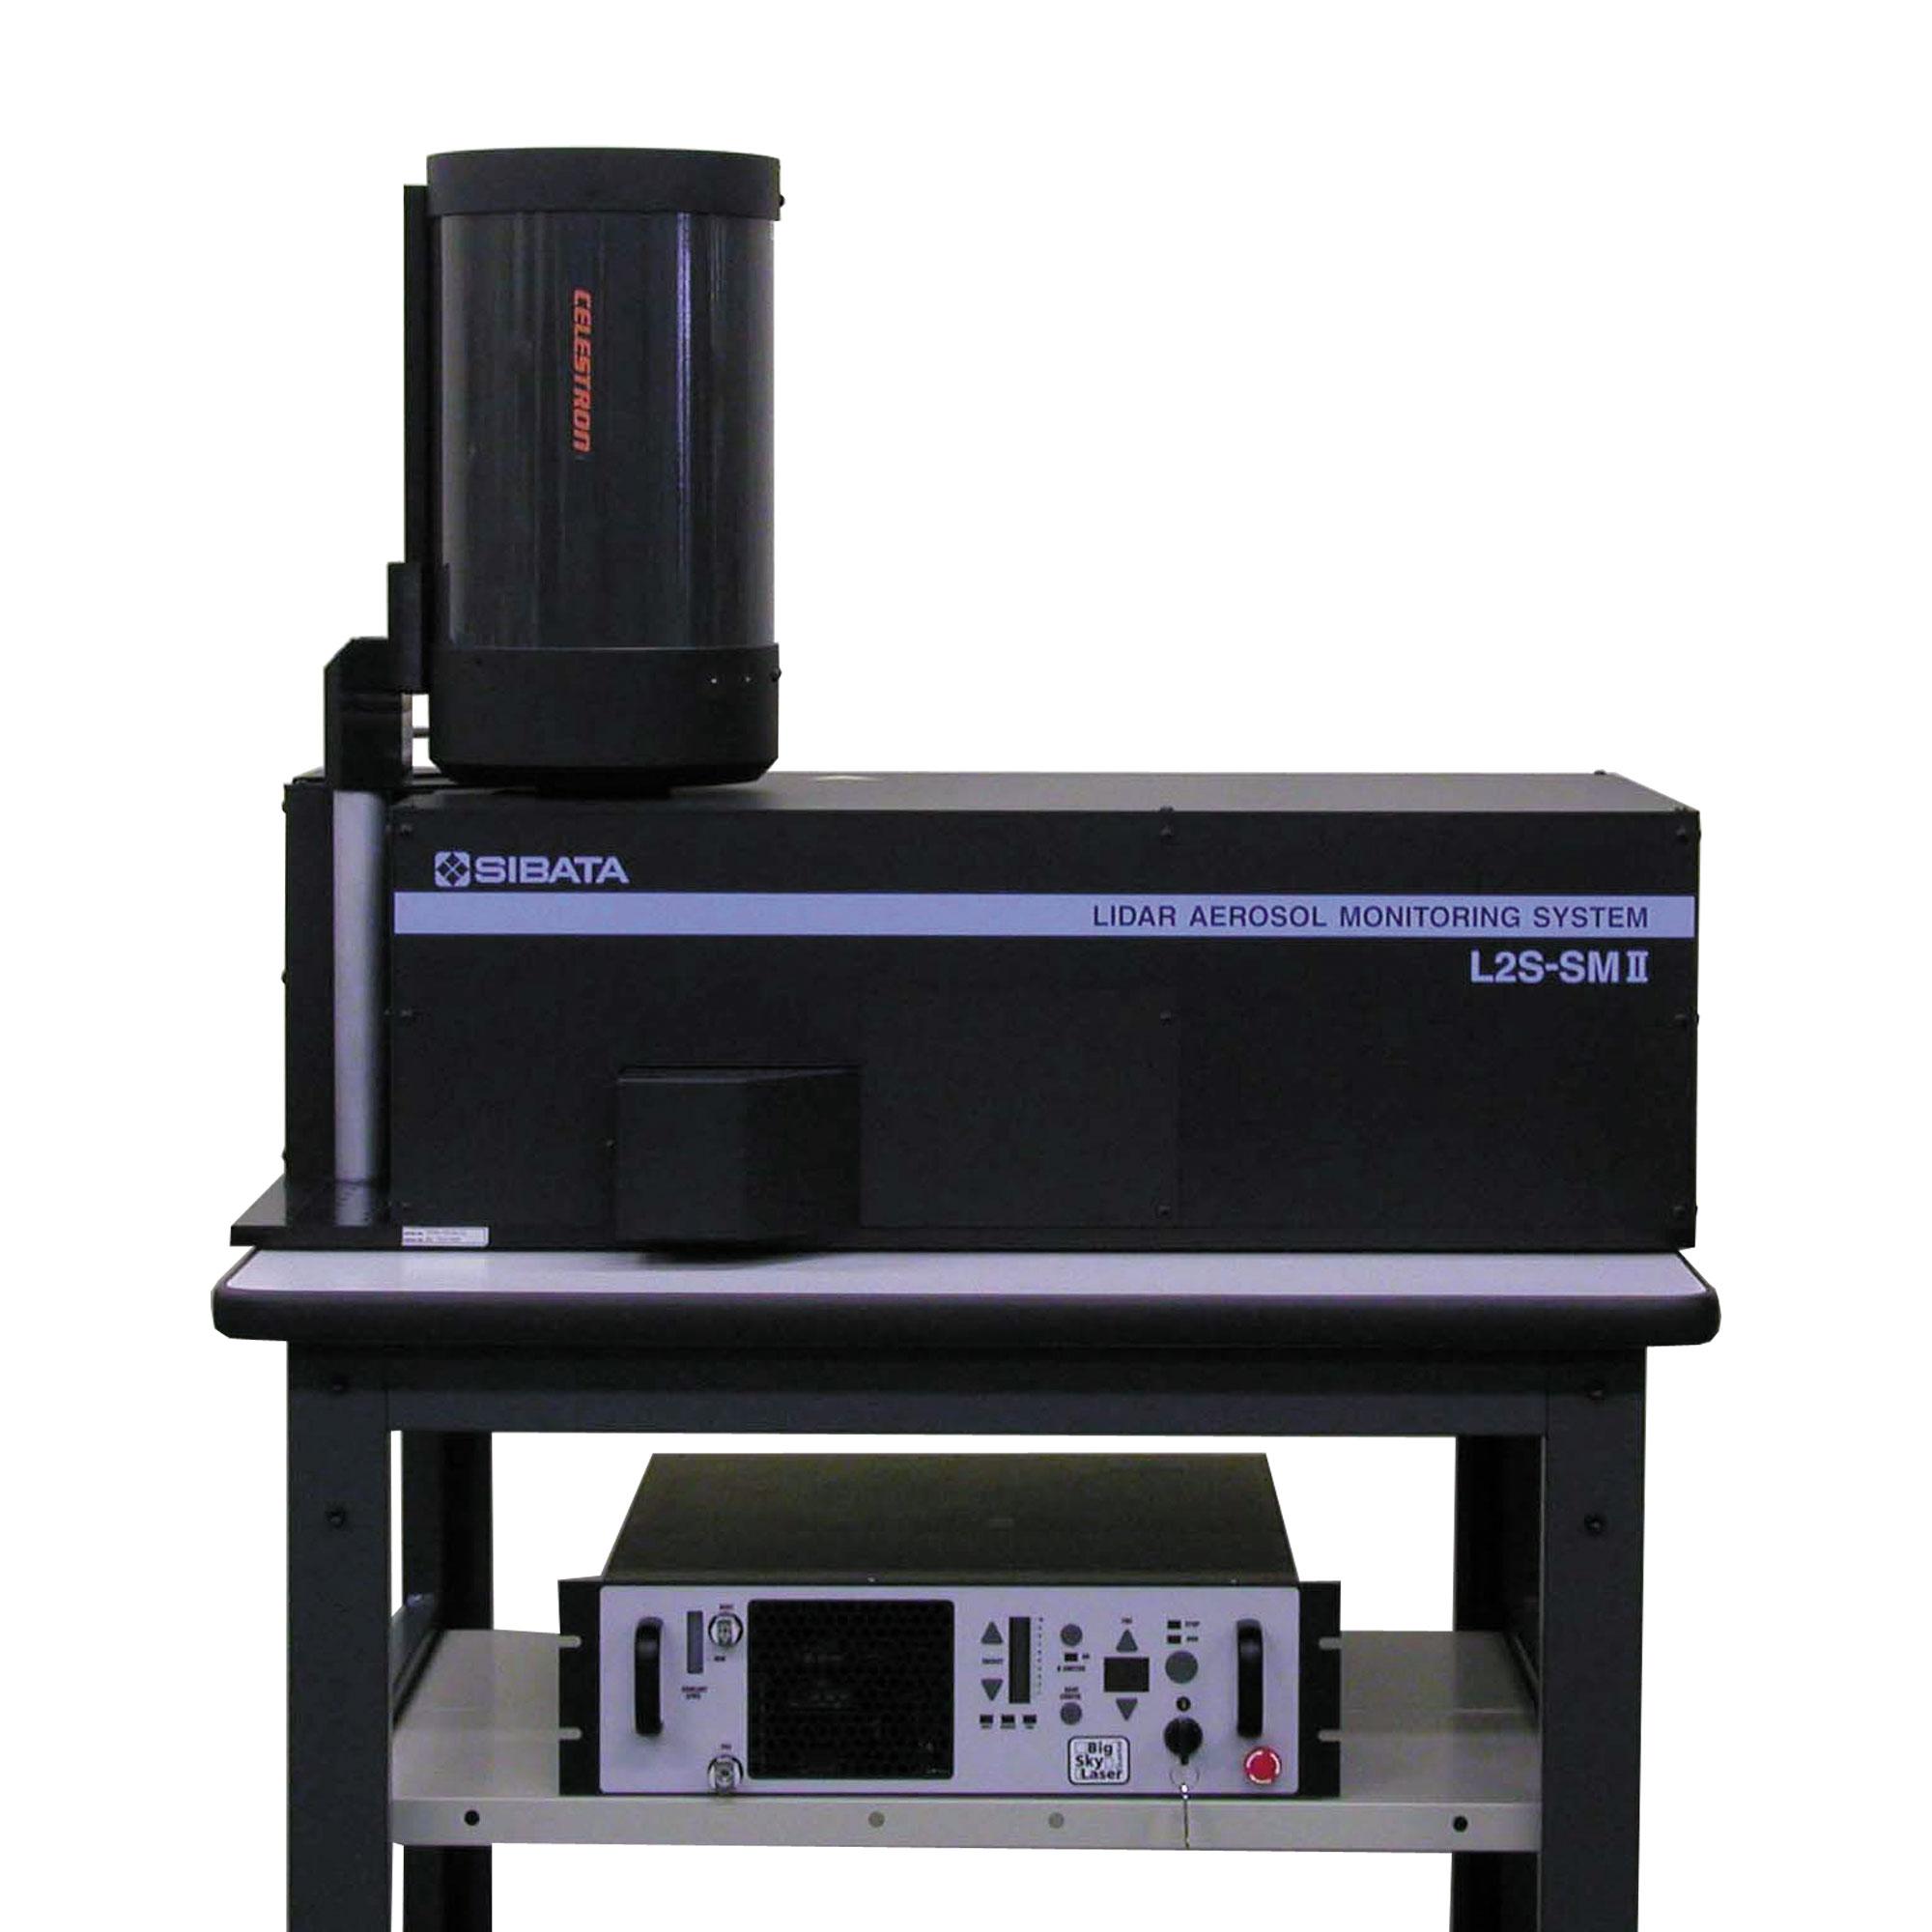 ライダーエアロゾルモニタリングシステム L2S-SM II型